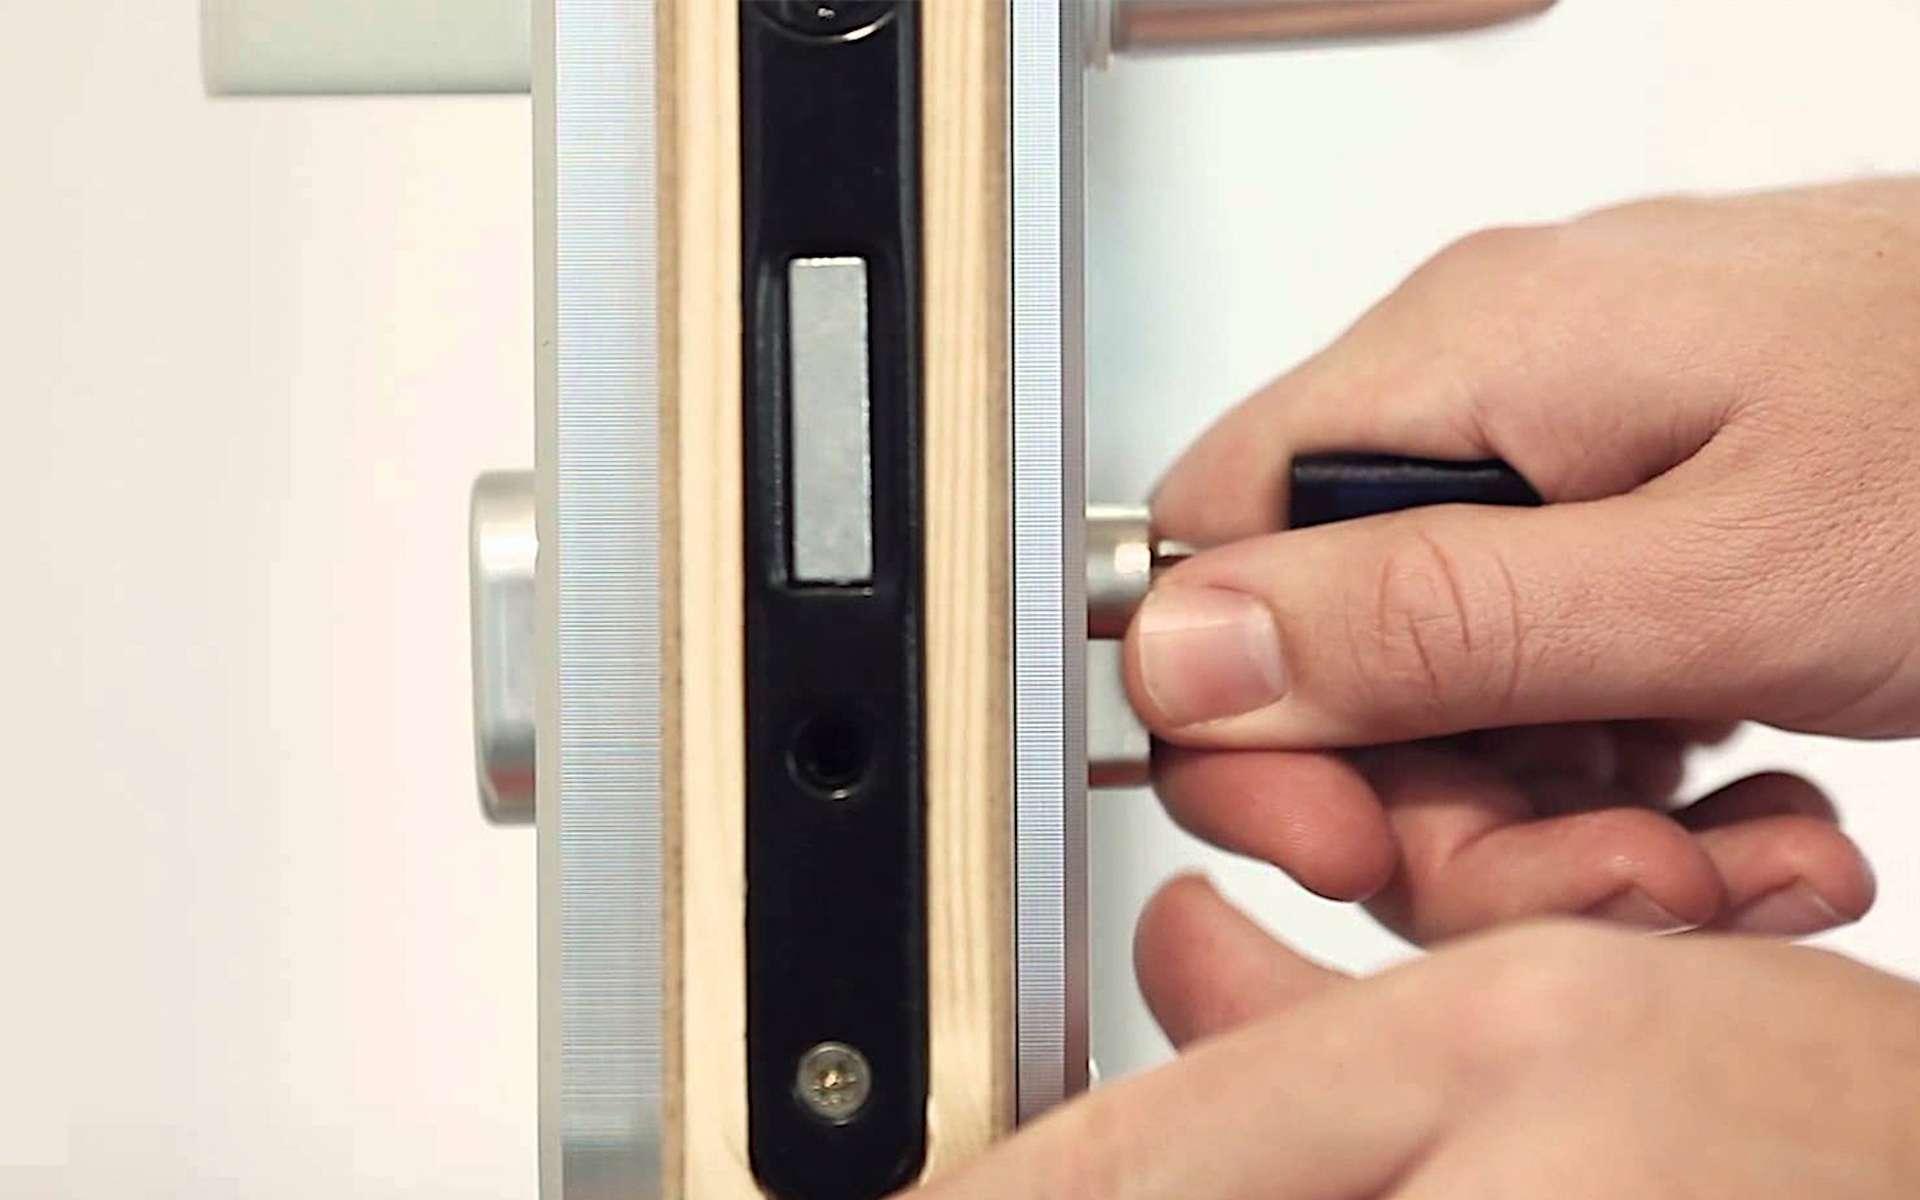 Si l'on veut poser un nouveau cylindre, il faut vérifier sa longueur hors tout et sa configuration, laquelle peut être symétrique ou asymétrique. C'est-à-dire composée de deux parties égales ou inégales de chaque côté du panneton, l'élément mobile qui entraîne le verrouillage ou le déverrouillage lorsque l'on tourne la clé.© Bricard